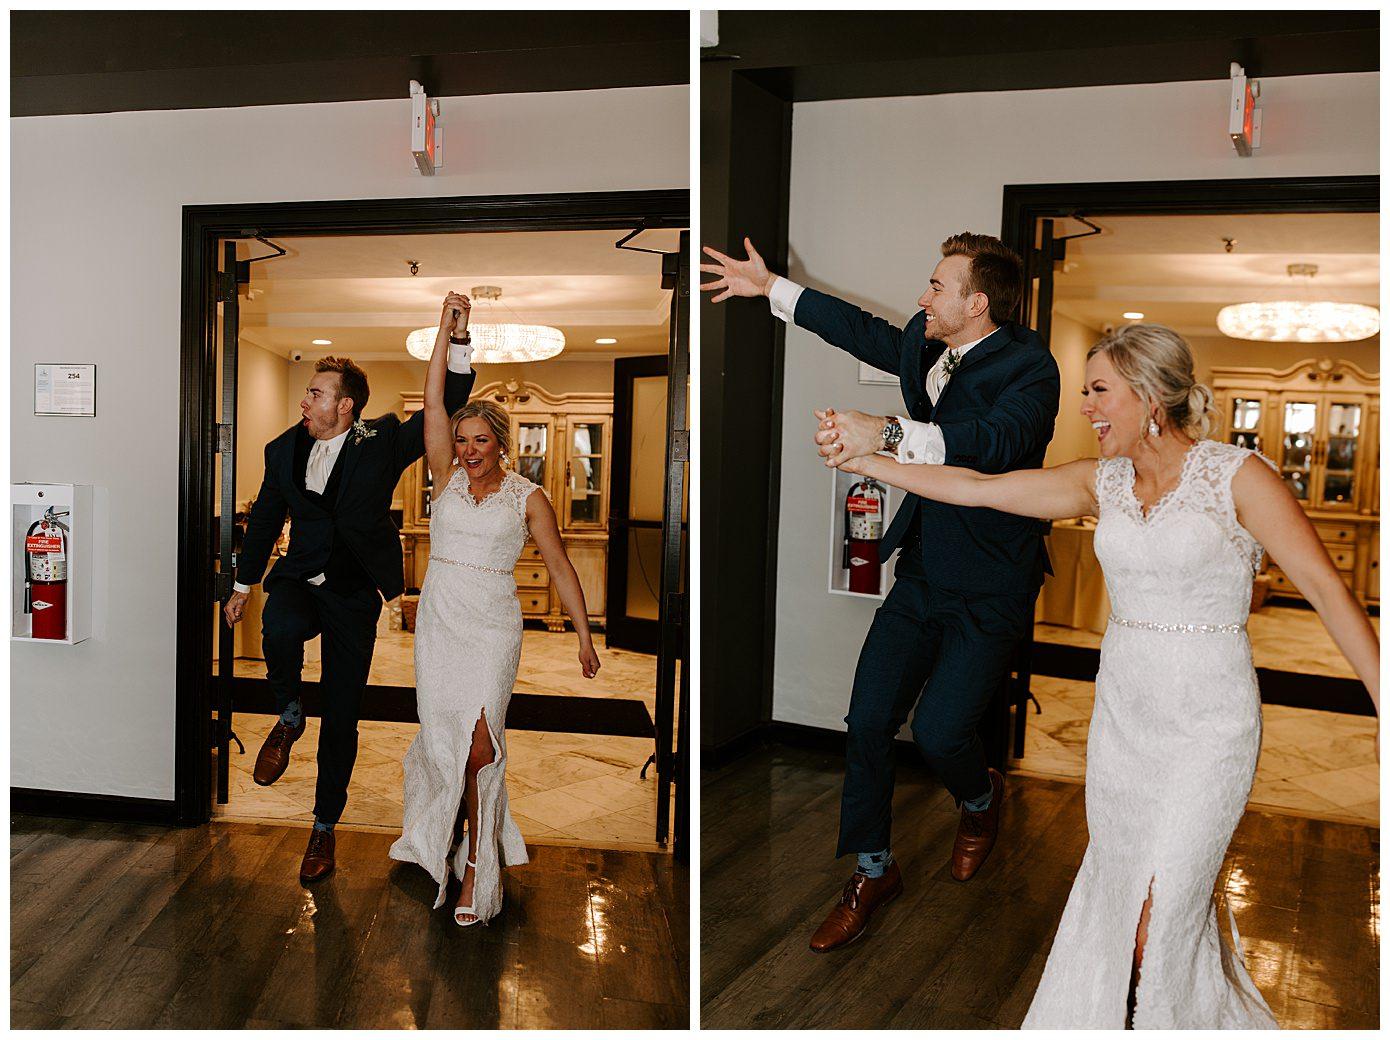 lumber exchange wedding minneapolis mn_0396.jpg